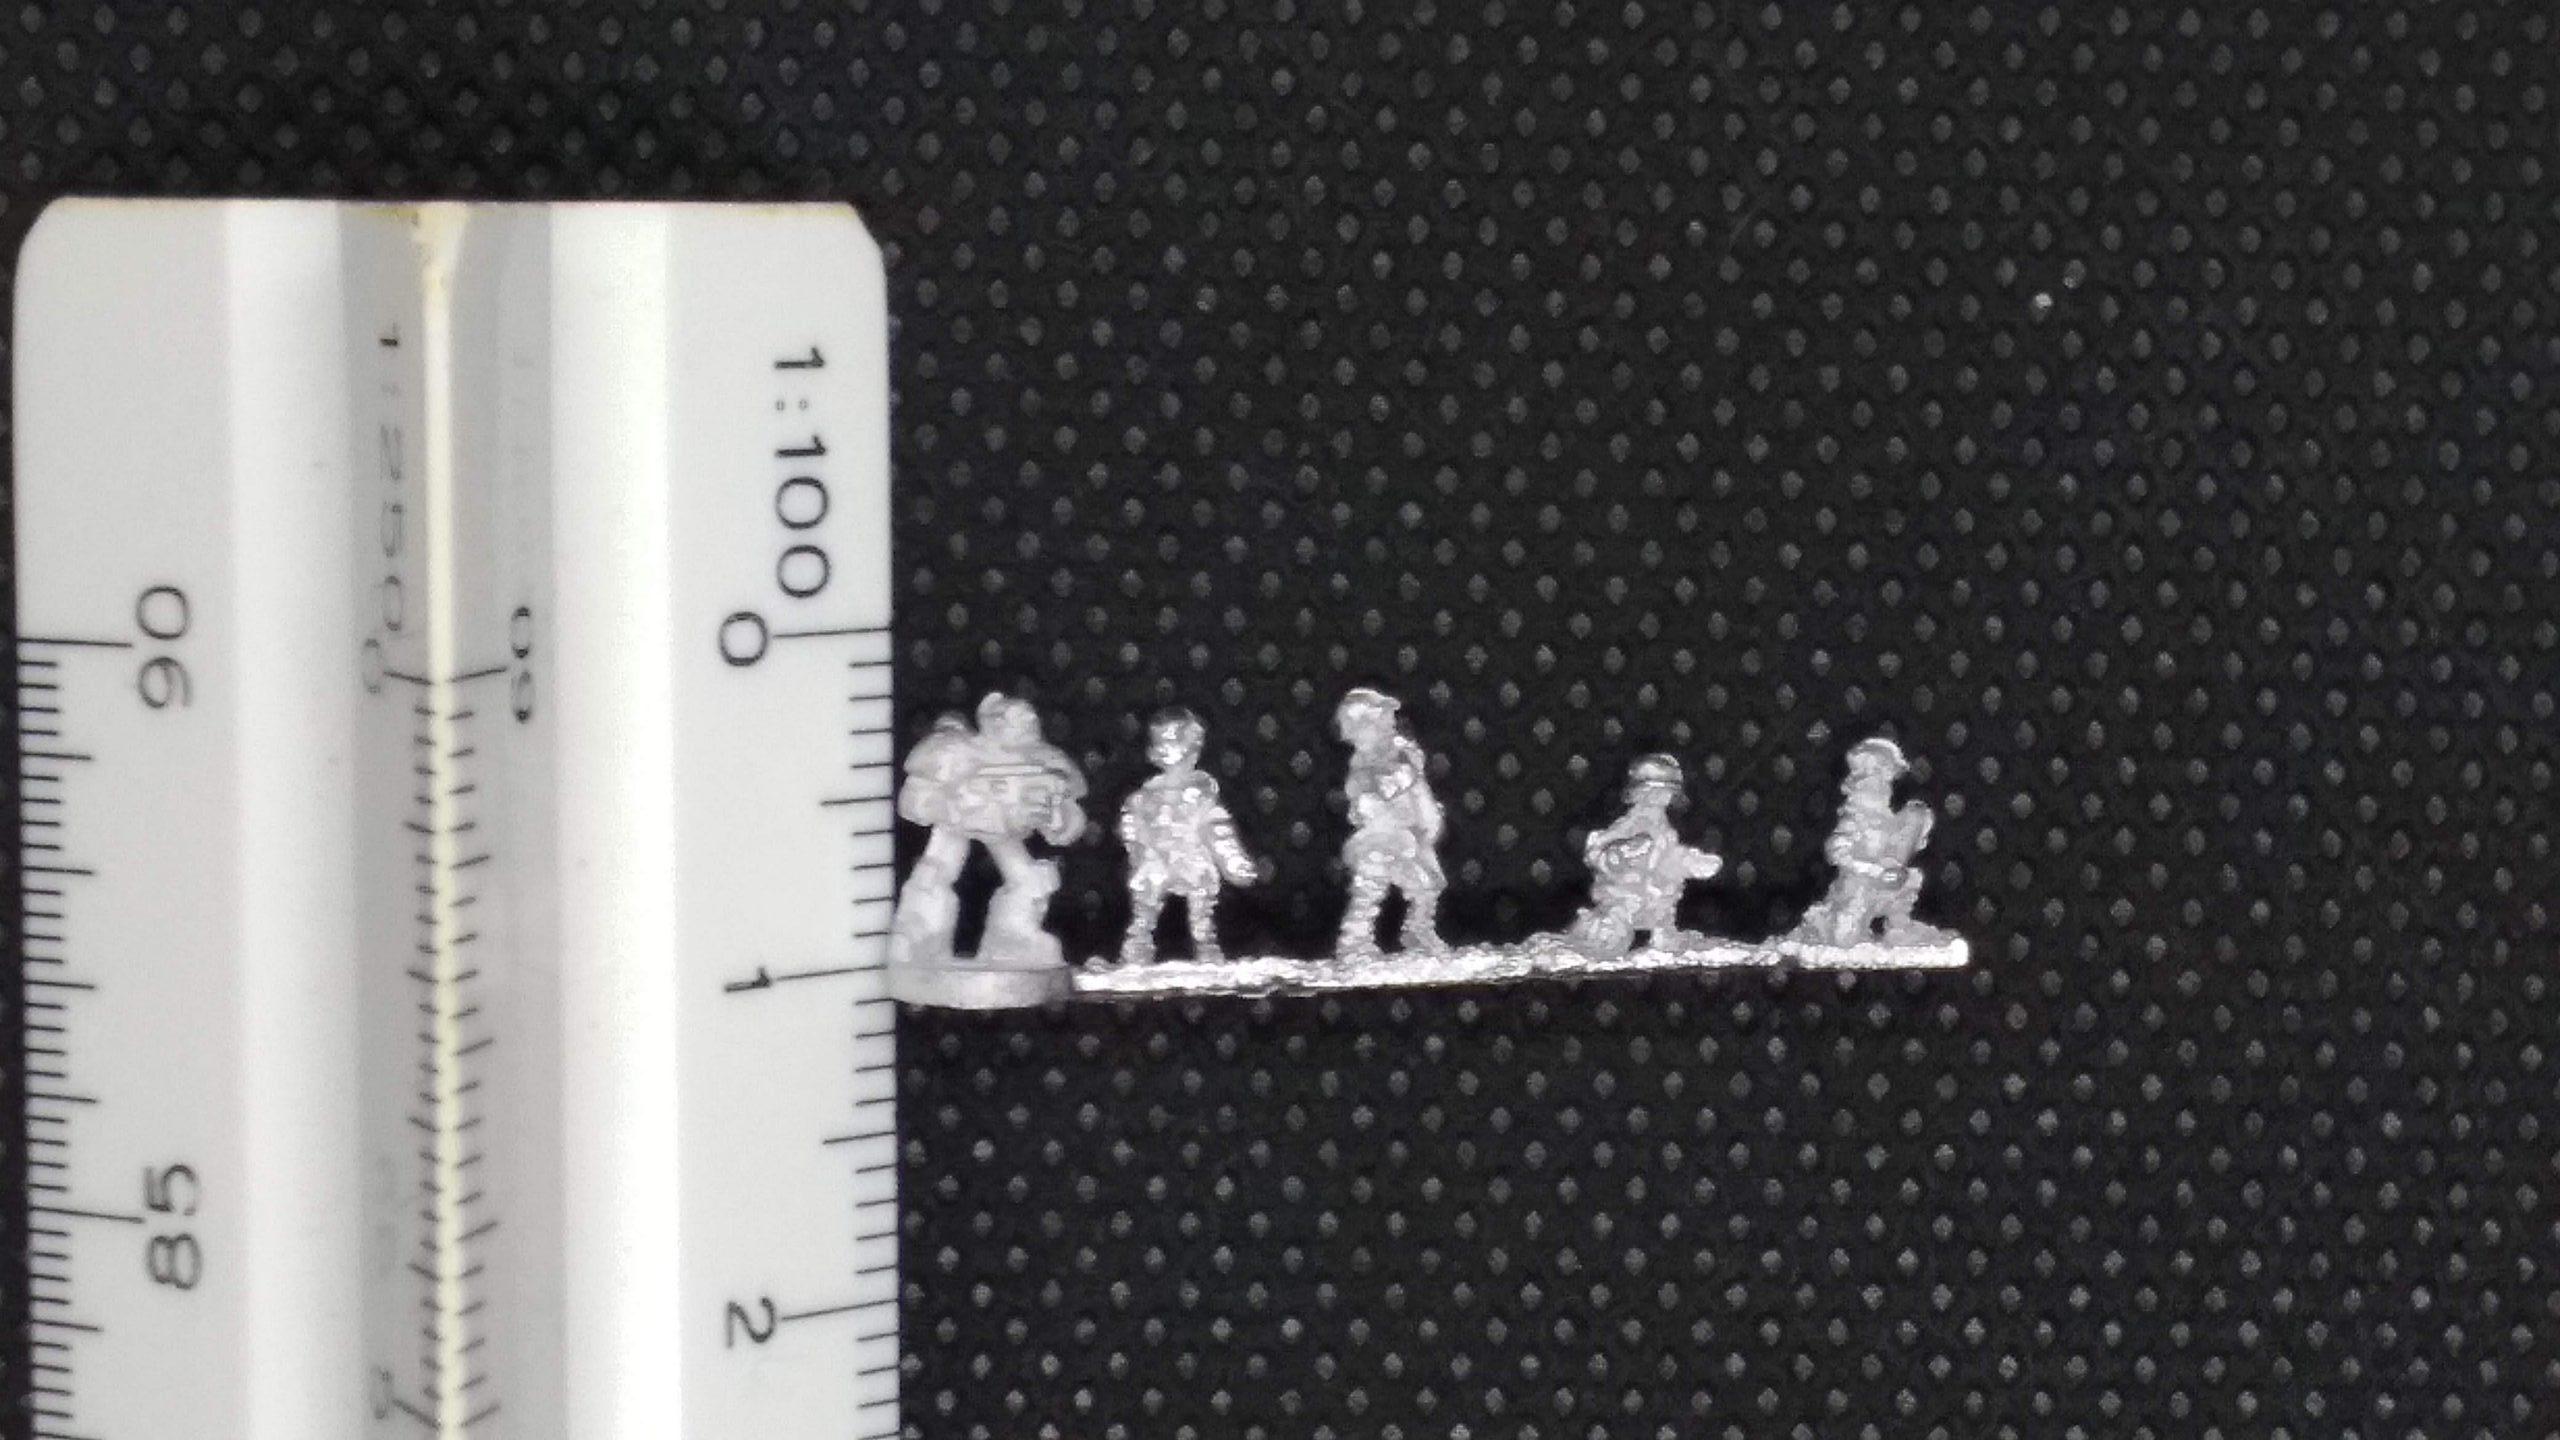 Baccus6mm miniature size comparison